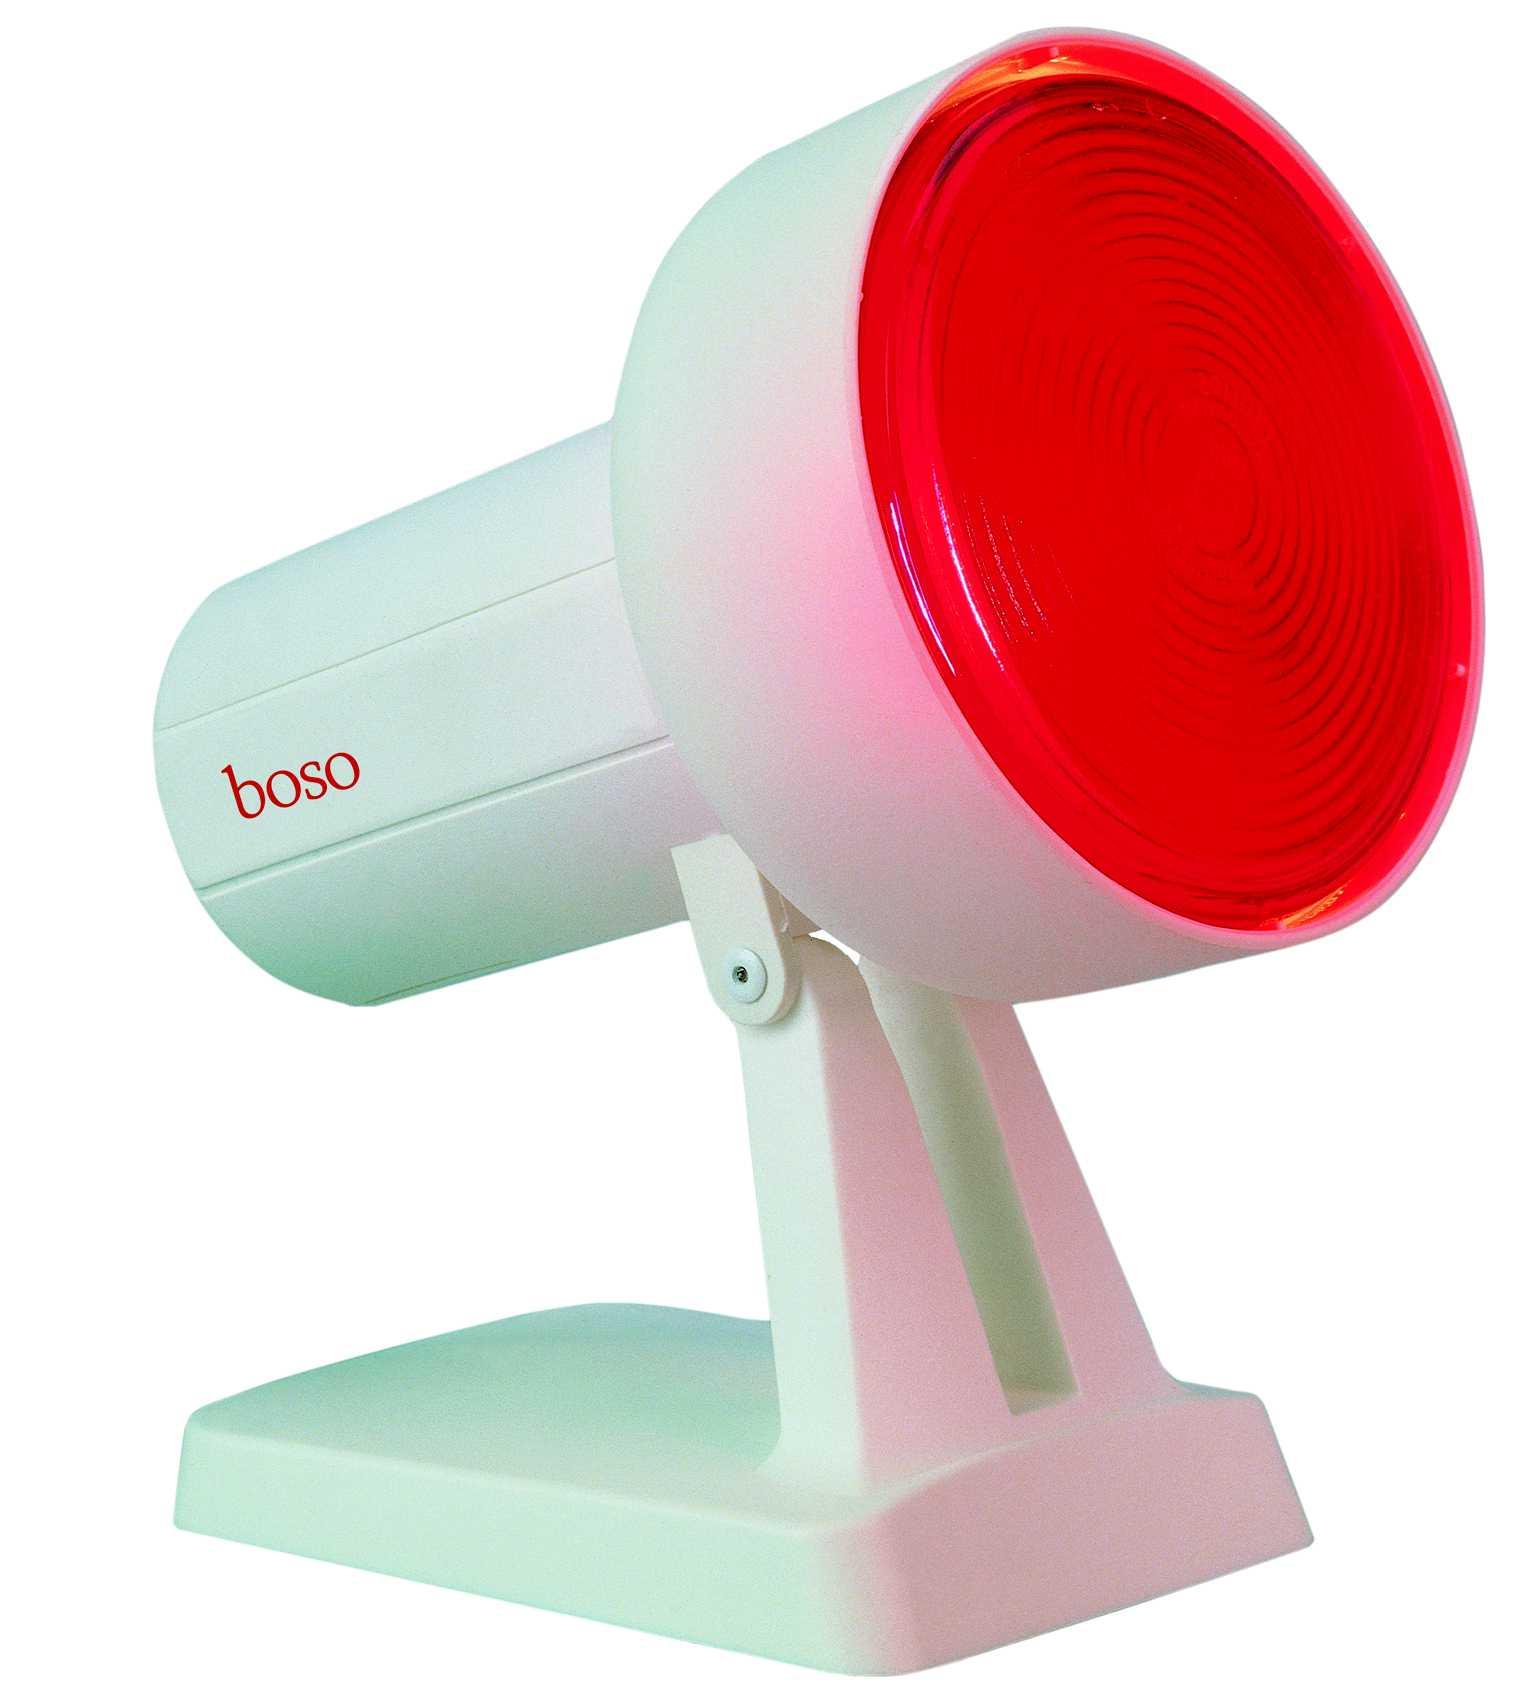 bosotherm_4100_infrarotlampe5a365a522a3a3